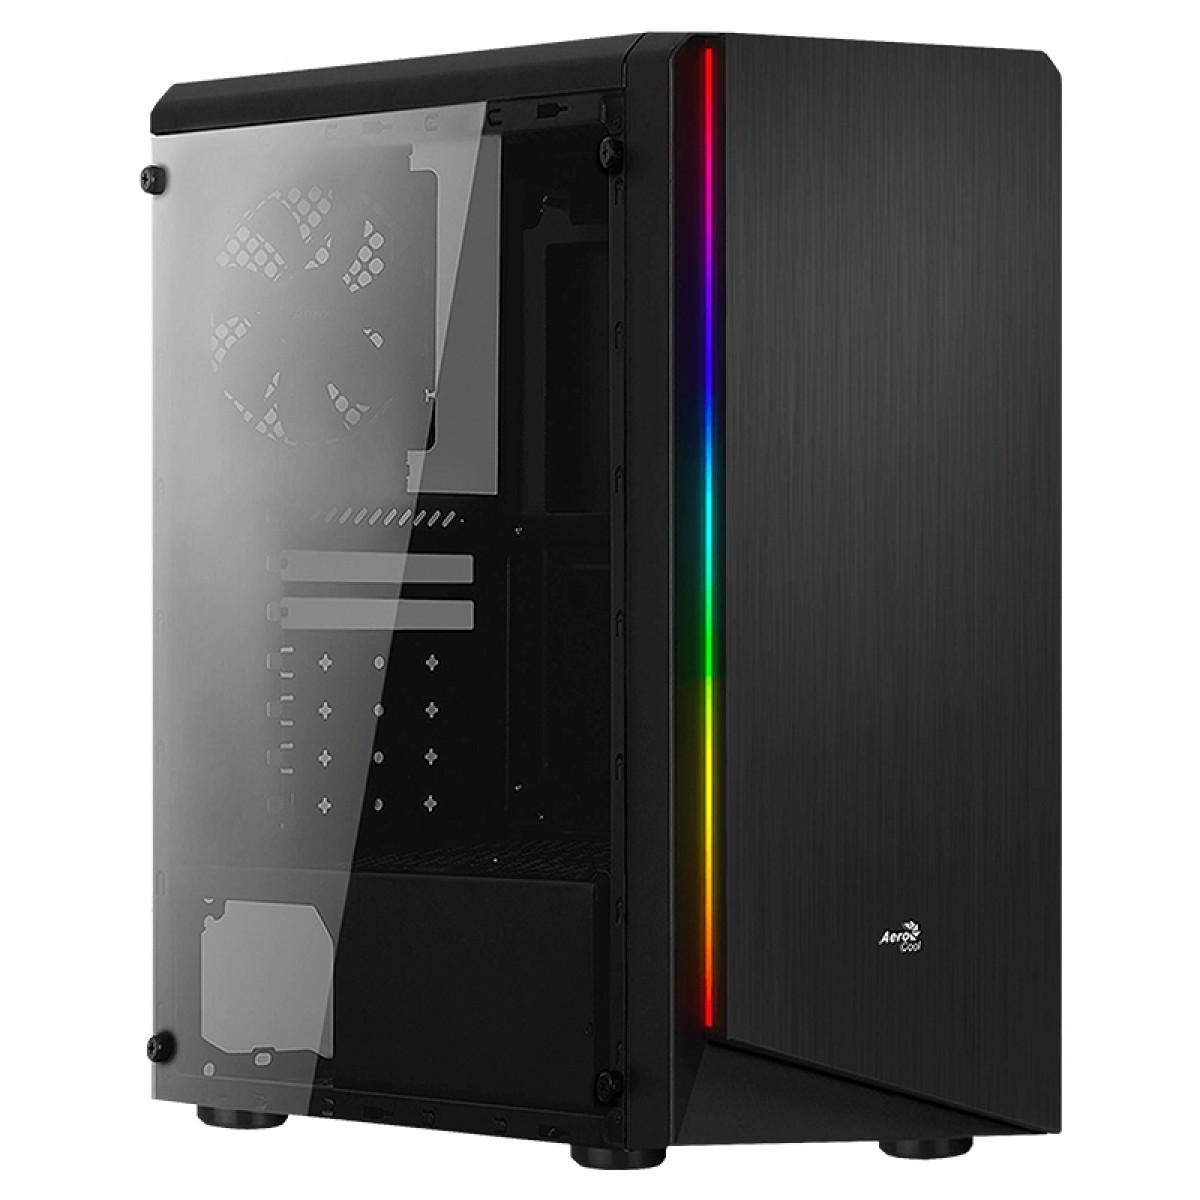 Pc Gamer T-Moba Super Dominator LVL-6 AMD Ryzen 3 3200G / Geforce GTX 1650 4GB / DDR4 8GB / HD 1TB